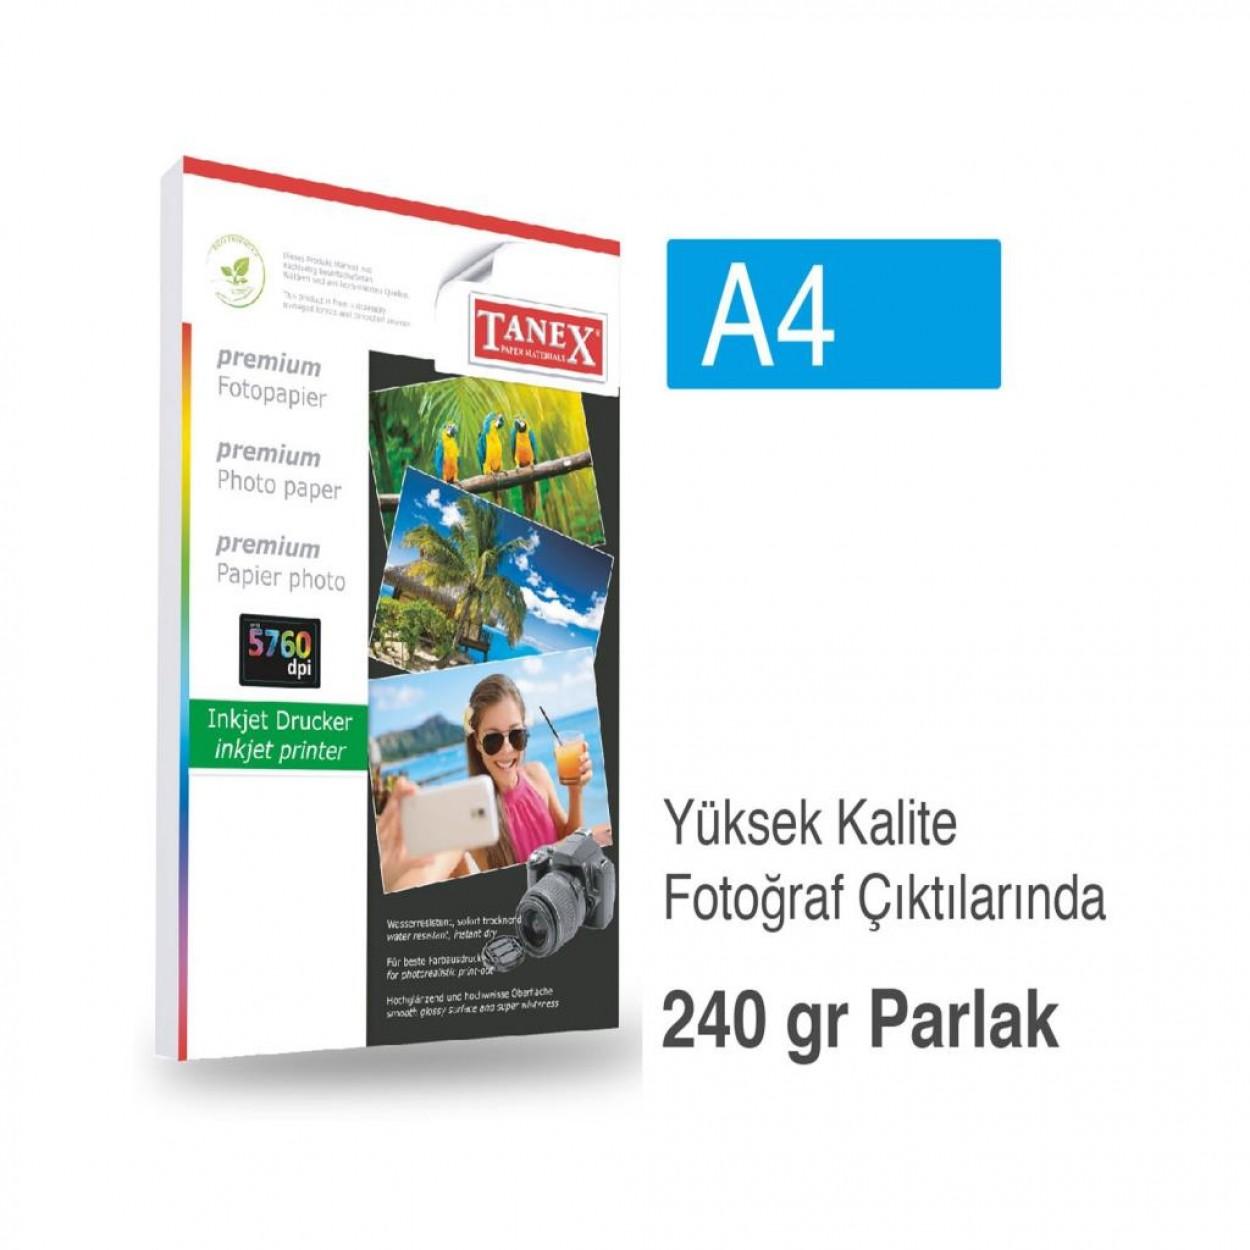 Tanex Fotoğraf Kağıdı A4 240 gr 240 mm x 297 mm 20 Sayfa